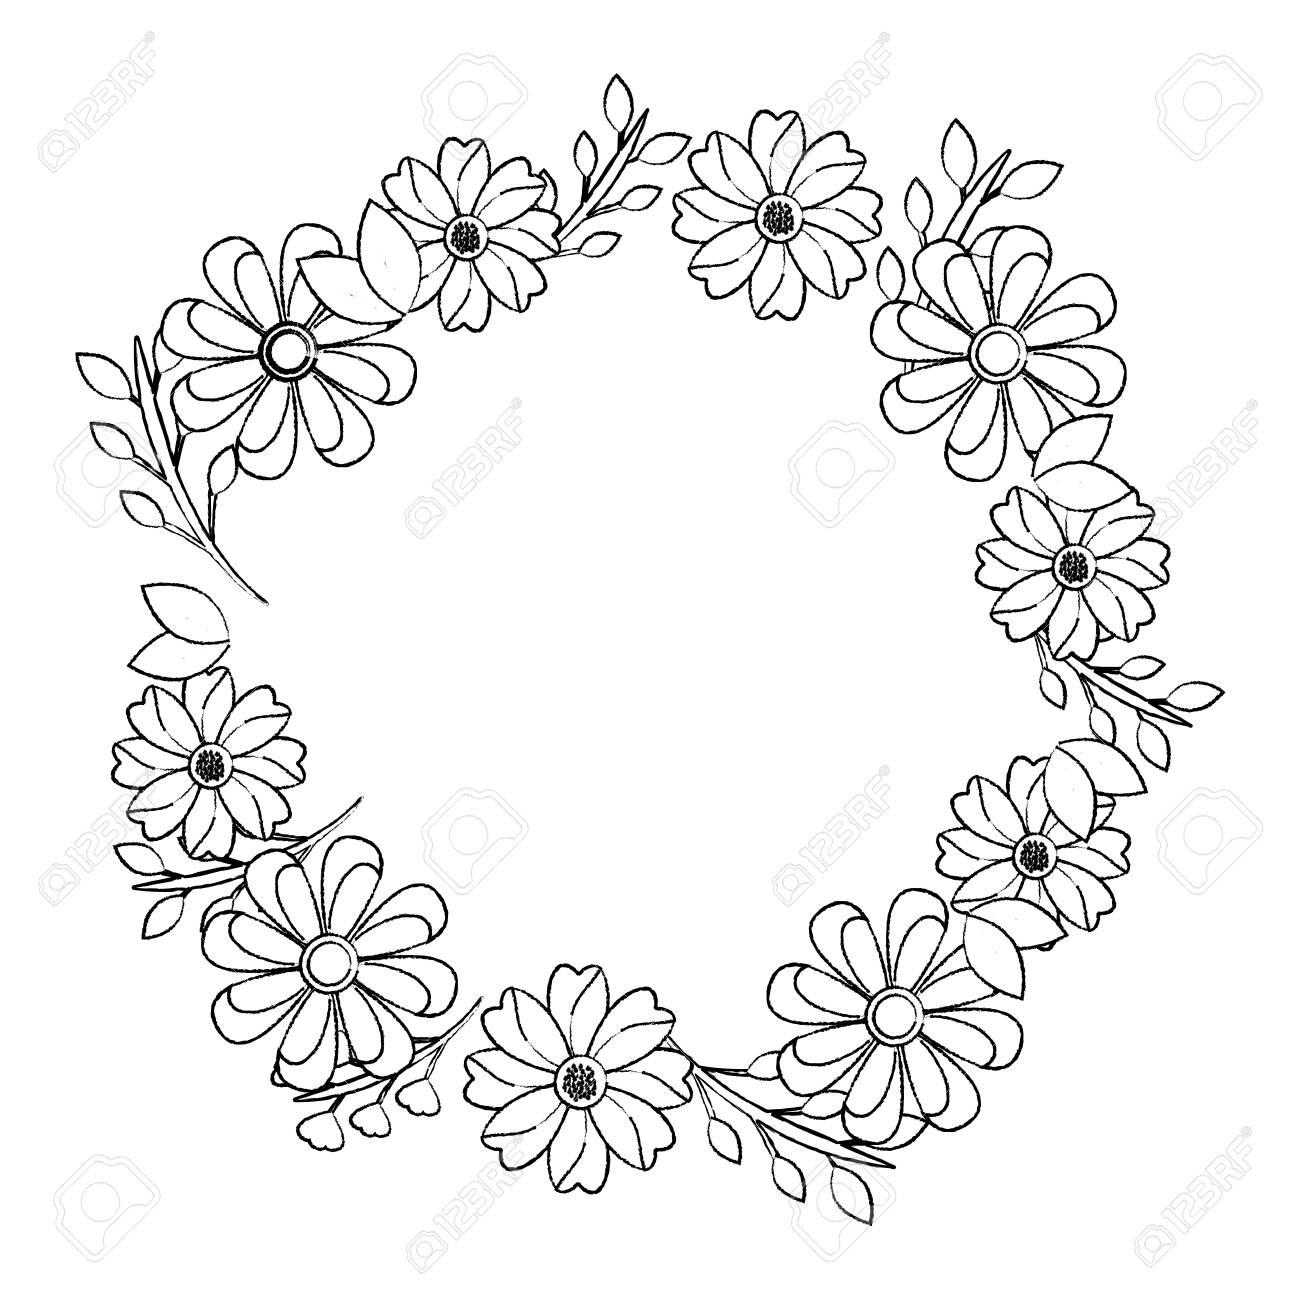 Flower Crown Emblem Icon Image Vector Illustration Design Black